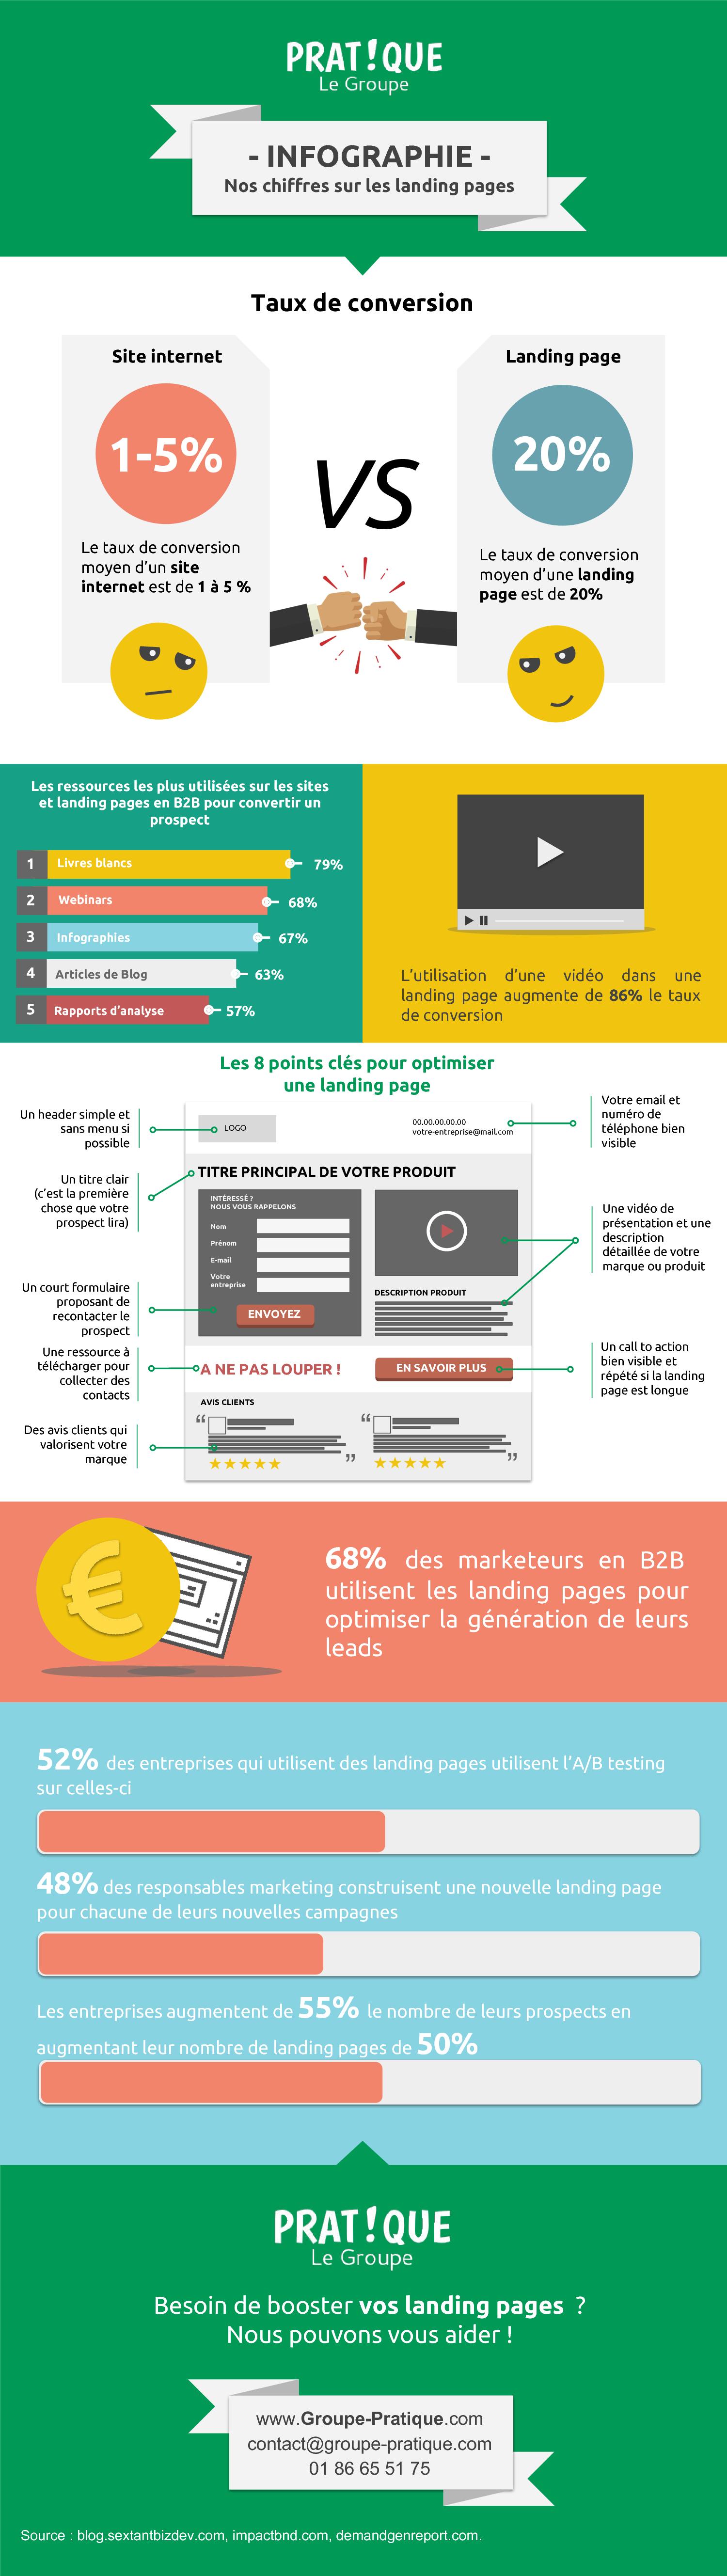 Infographie, nos chiffres sur les landing pages